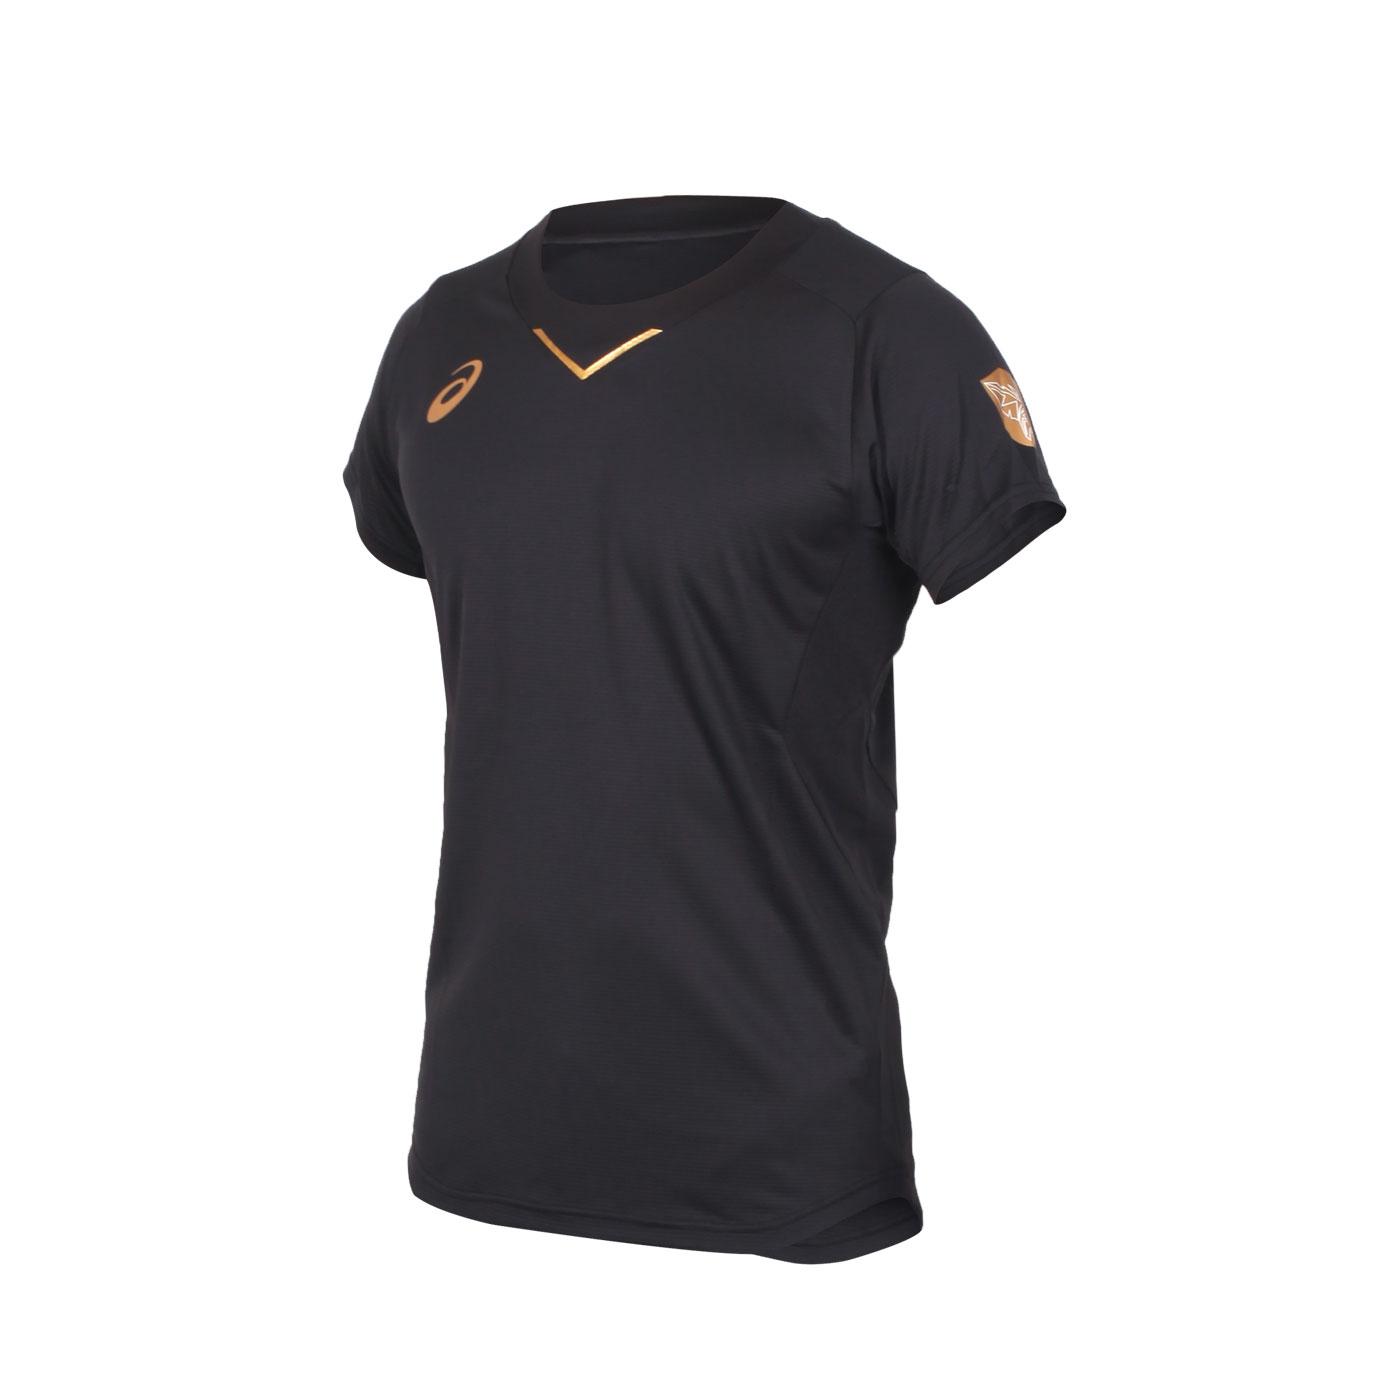 ASICS 男款排球短袖T恤 2051A245-001 - 黑金